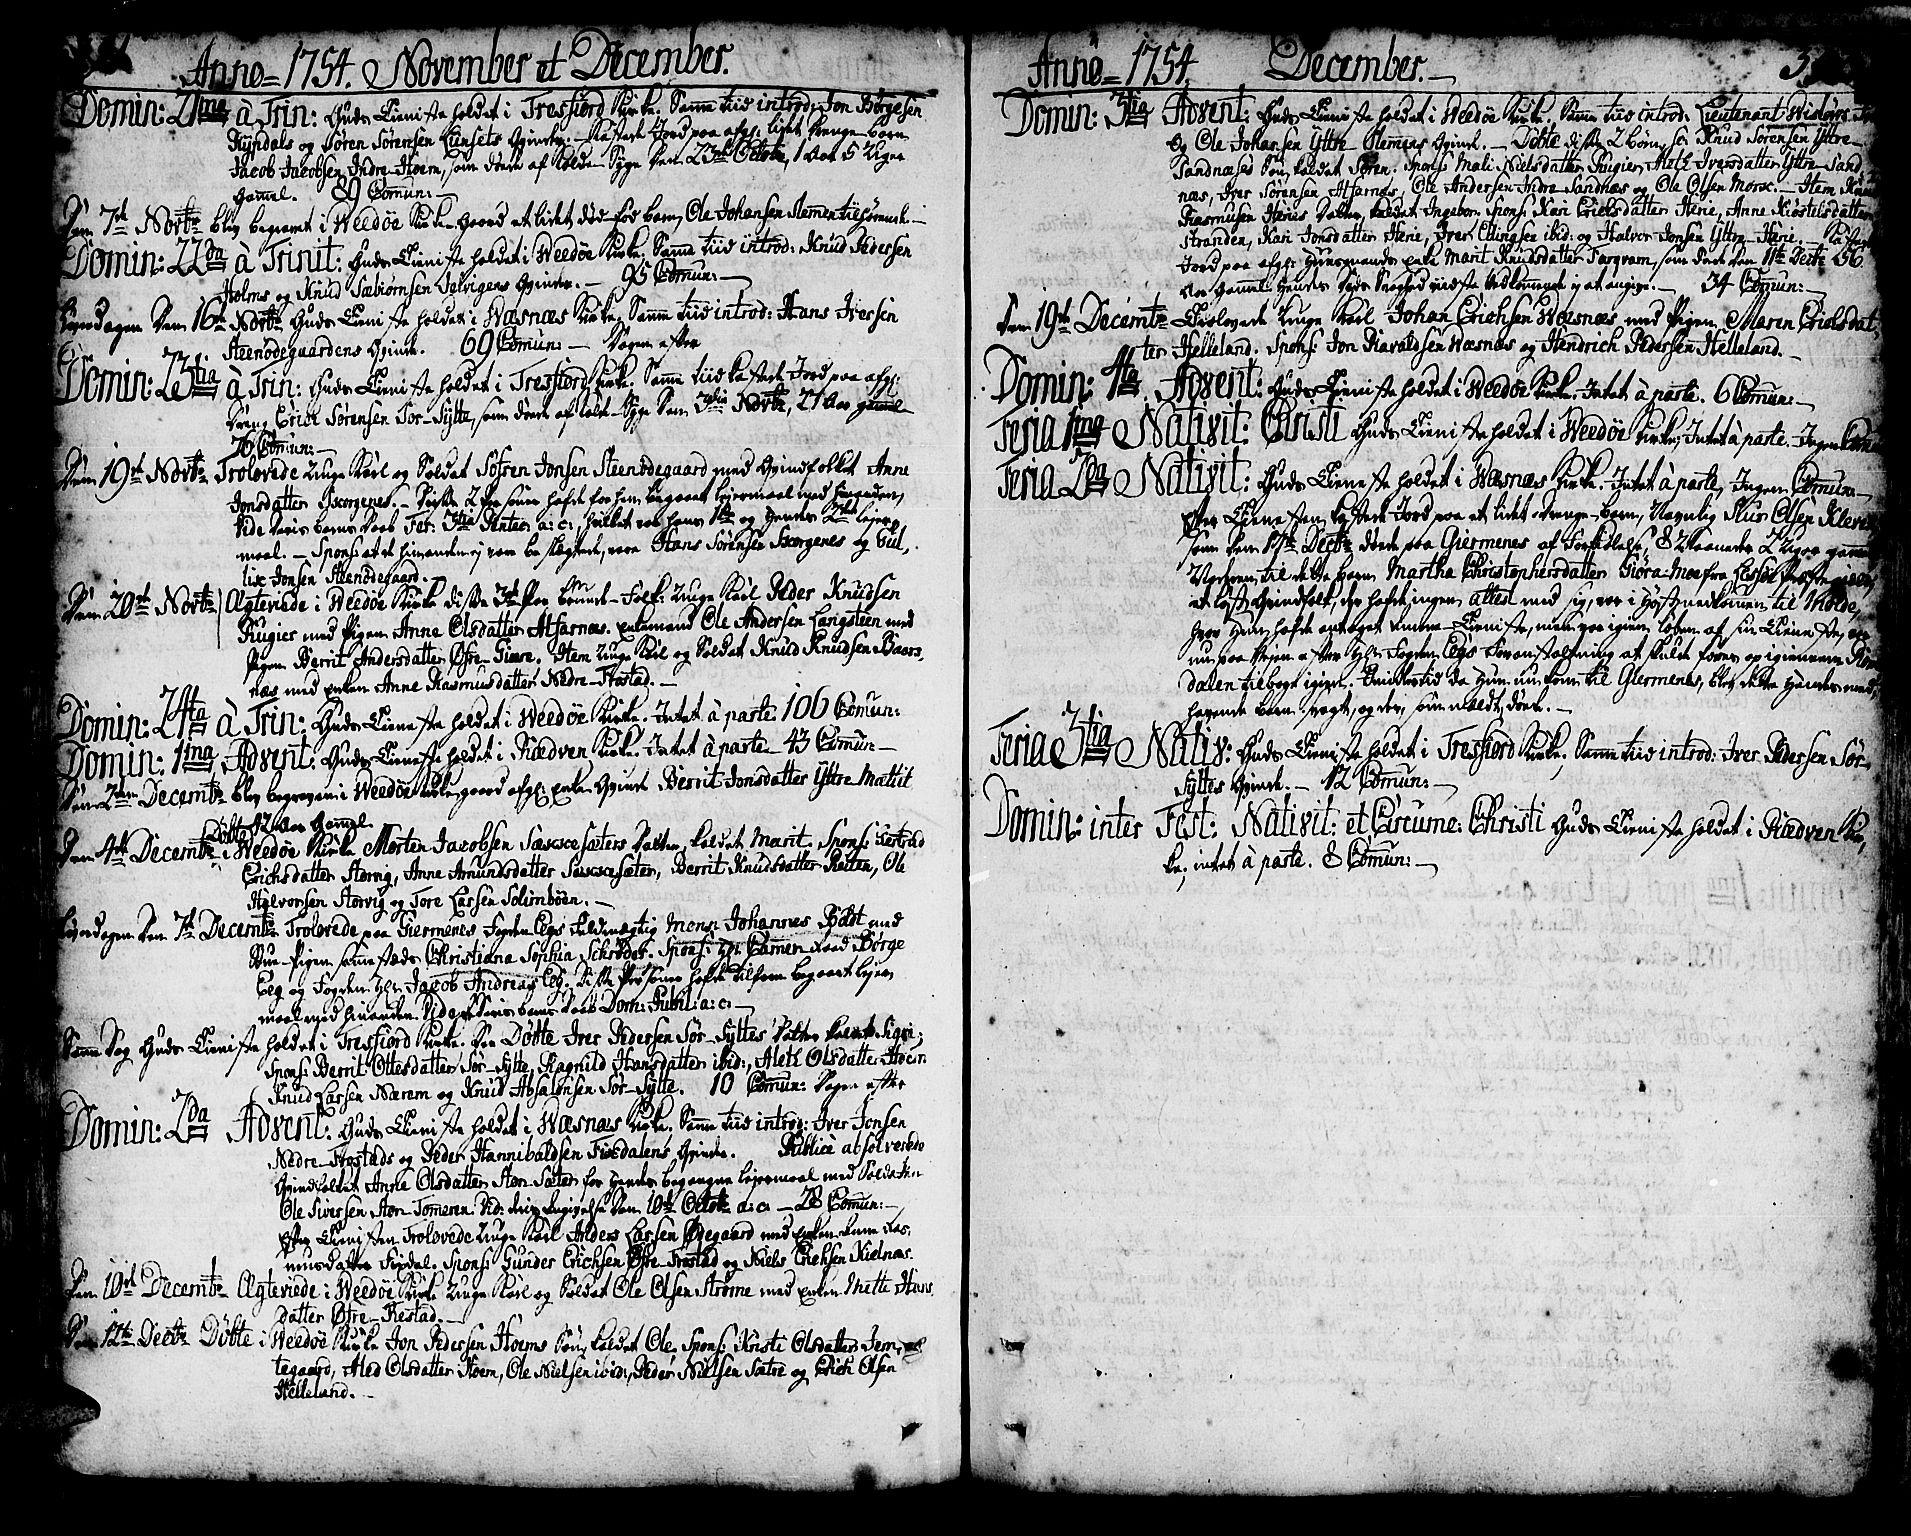 SAT, Ministerialprotokoller, klokkerbøker og fødselsregistre - Møre og Romsdal, 547/L0599: Ministerialbok nr. 547A01, 1721-1764, s. 391-392